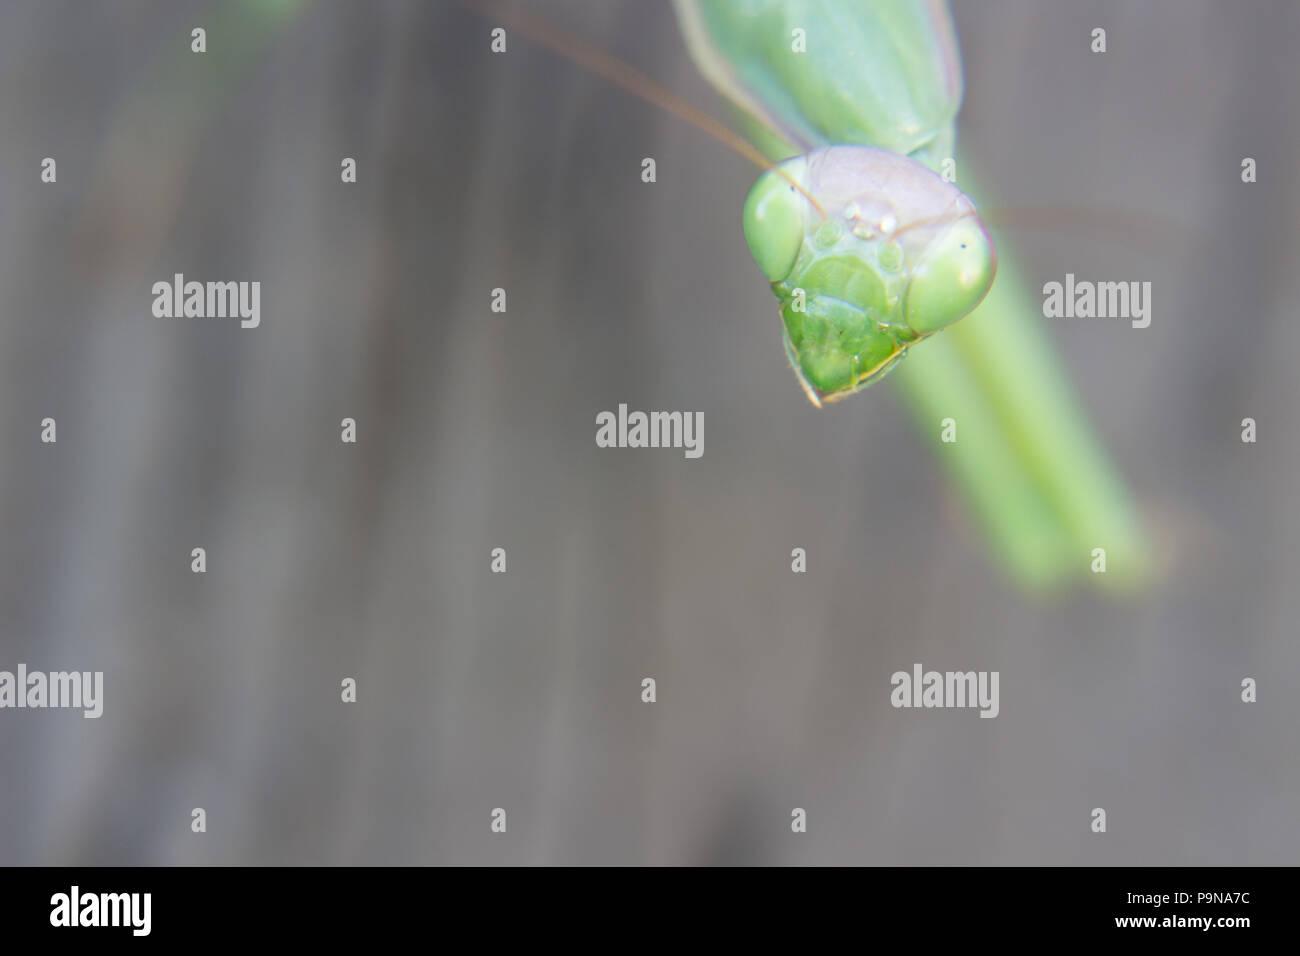 Eine Nahaufnahme von Preying mantis an der Wand rechts auf Suchen Sie mit jenen Ausbauchende Augen. Stockbild